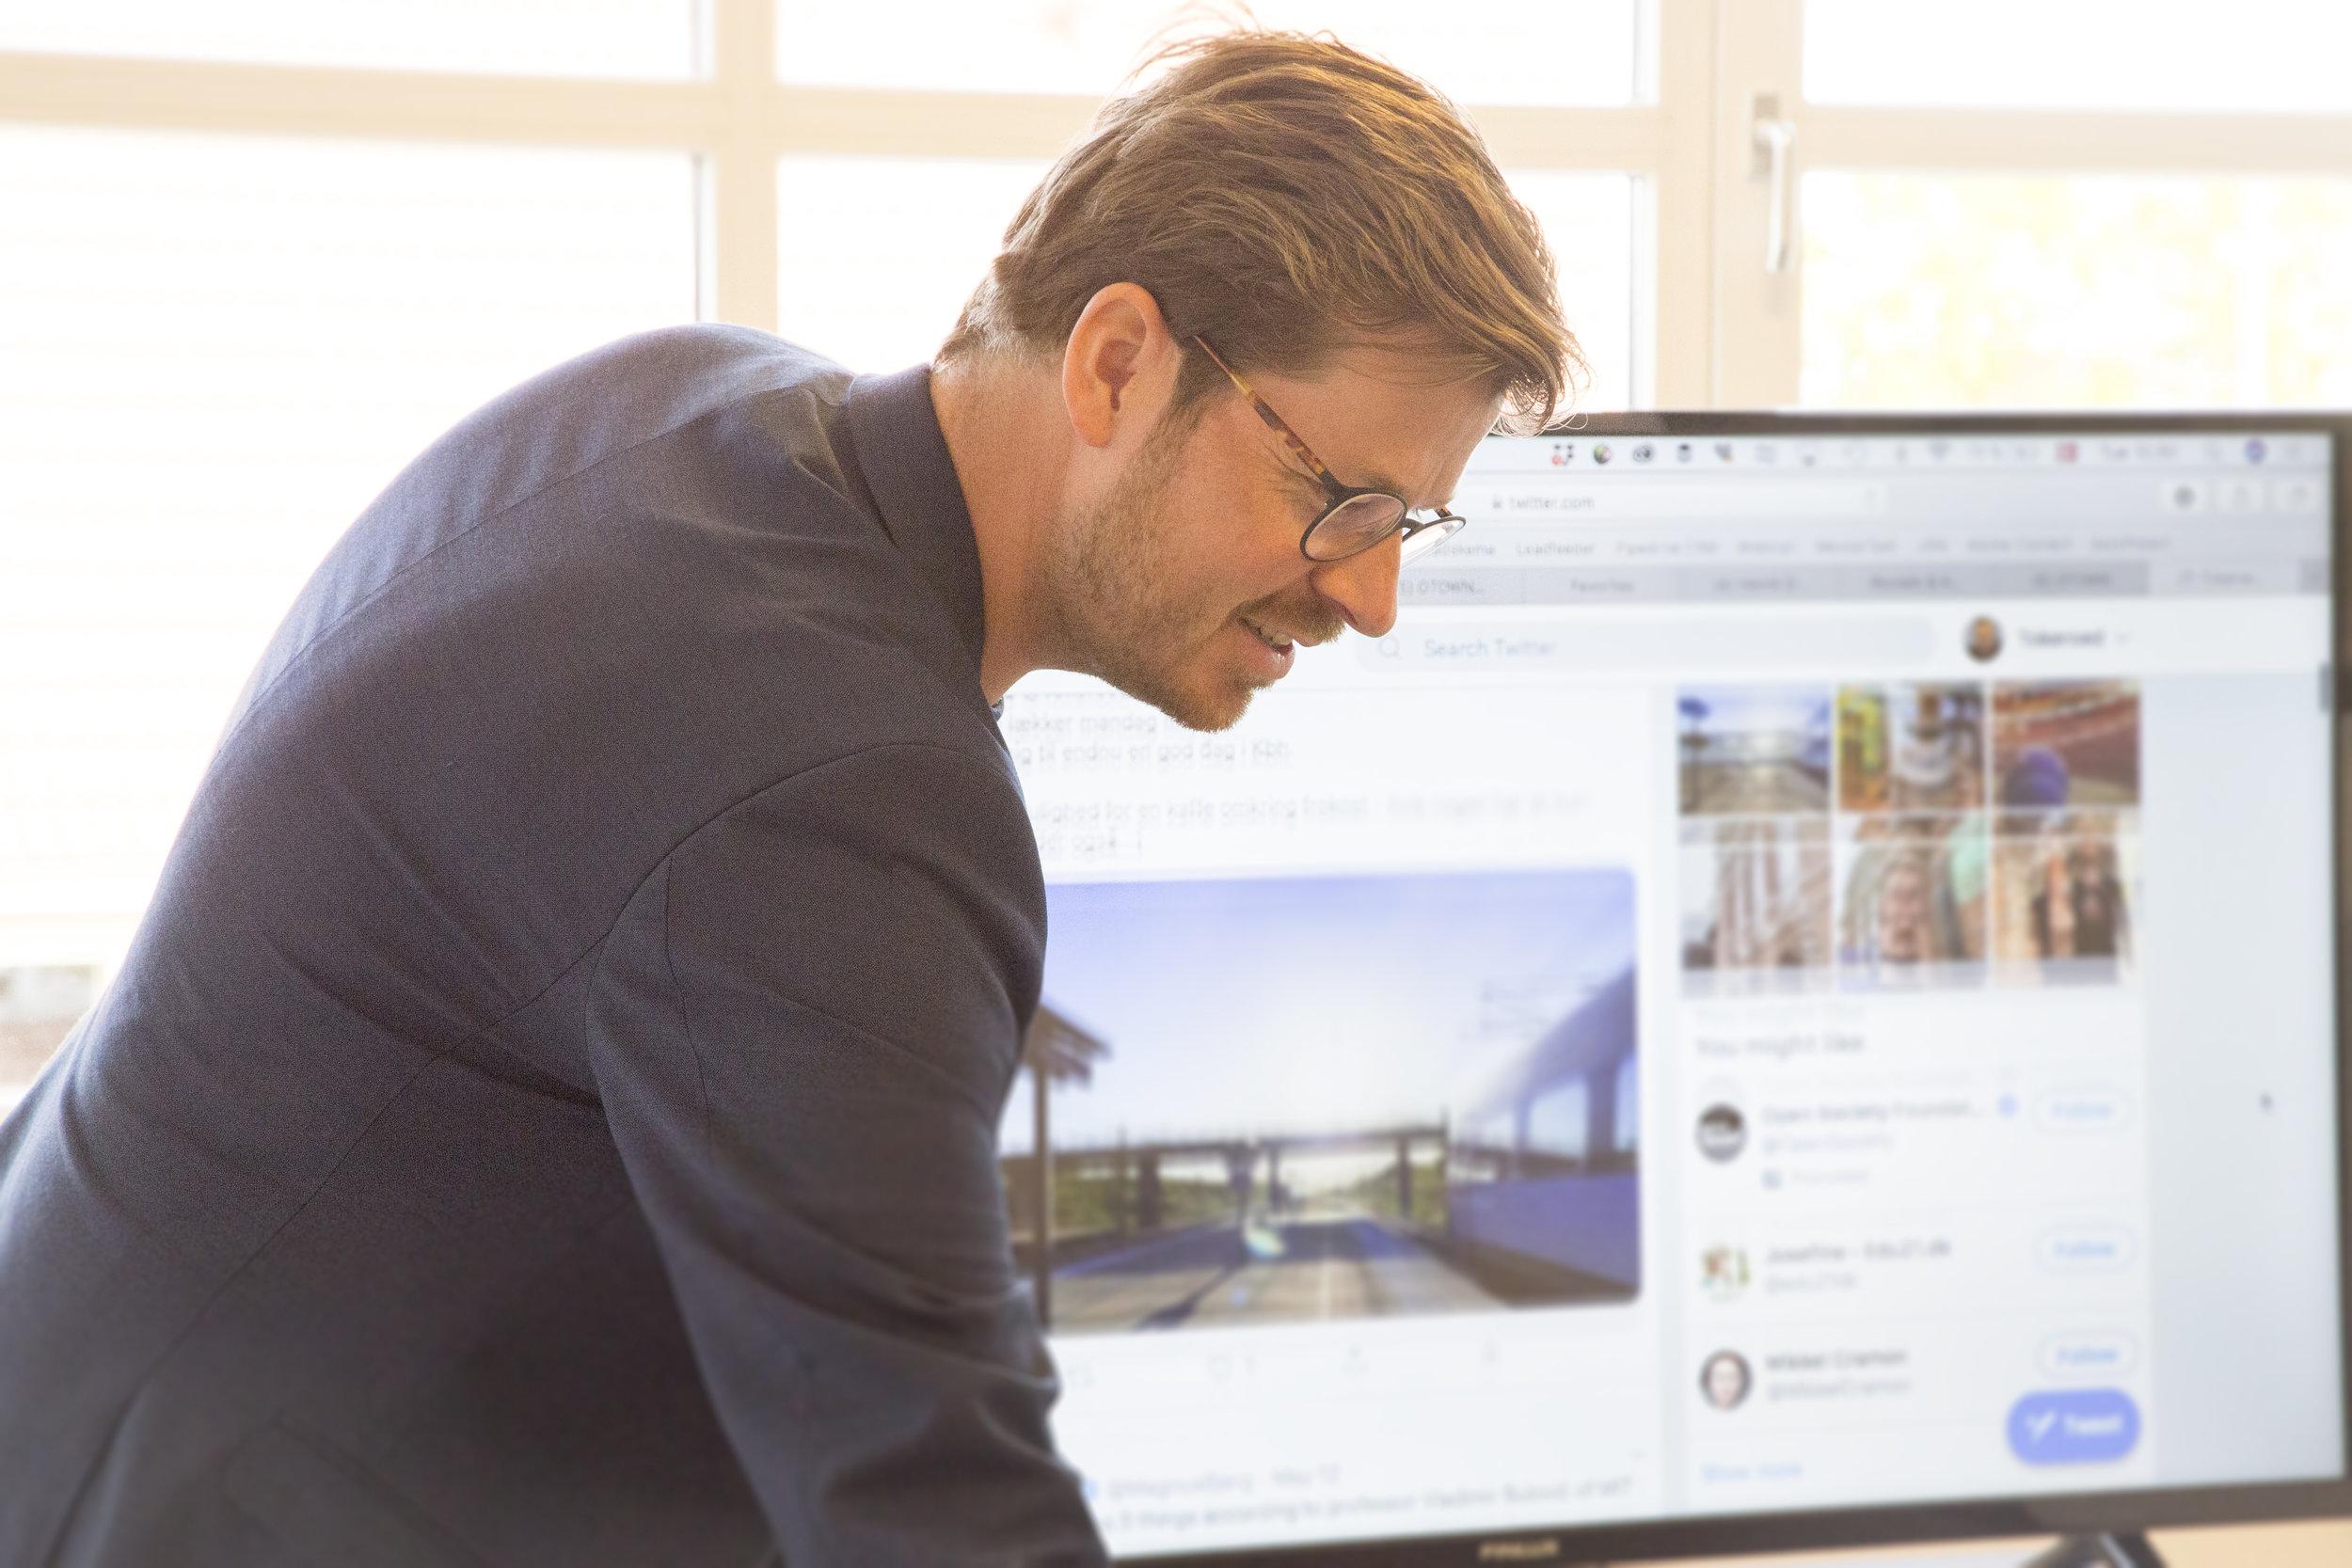 Udvikling og design - BRUG FOR ET NYT WEBSITE ELLER SKAL DU HAVE BYGGET EN PLATFORM? Vi hjælper dig med at udvikle nye digitale løsninger (fx. platform eller website), så de passer til dine og dine brugers behov. For os skal løsningerne være brugervenlige og overskuelige. Vi tester og sikrer at løsningerne fungerer, og at du/I efterfølgende kan håndtere det hele selv uden vores hjælp. Vi kan hjælpe dig uanset dit tekniske niveau.Se eksempler på opgaver her: KLIK HER